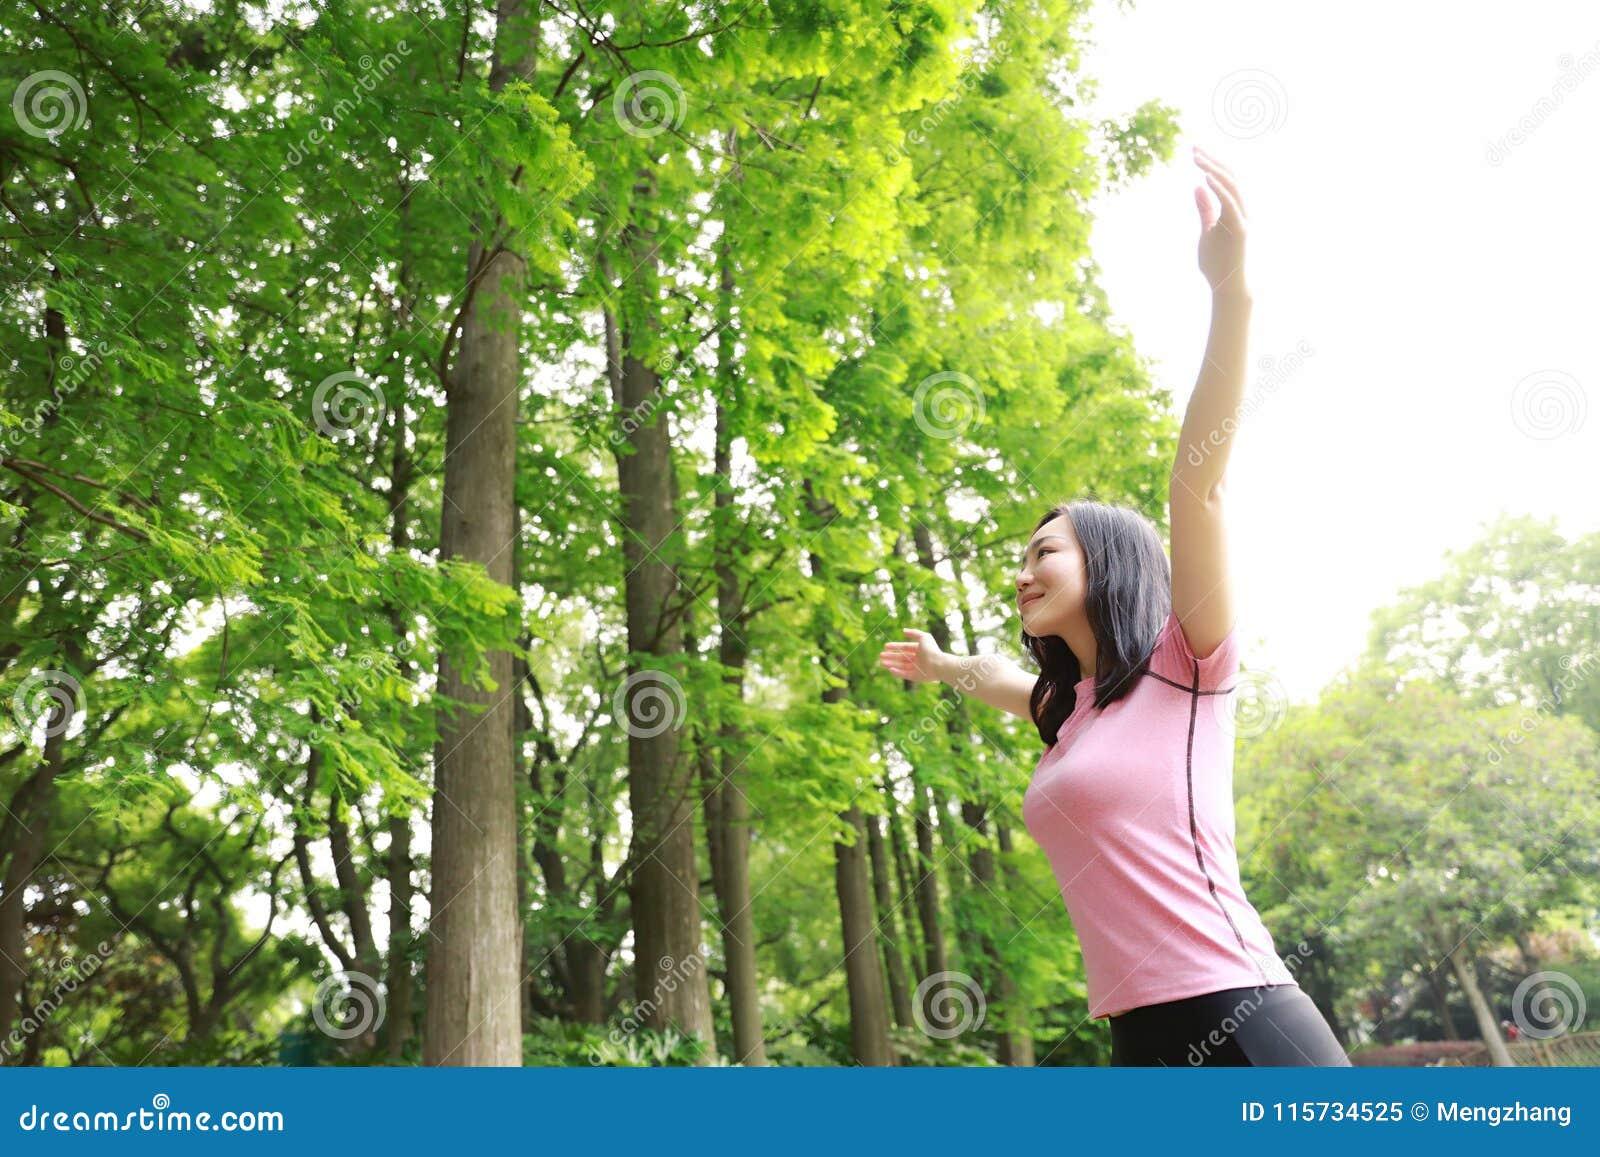 自由粗心大意的causual秀丽女孩拥抱容忍自然在森林公园享受好时间